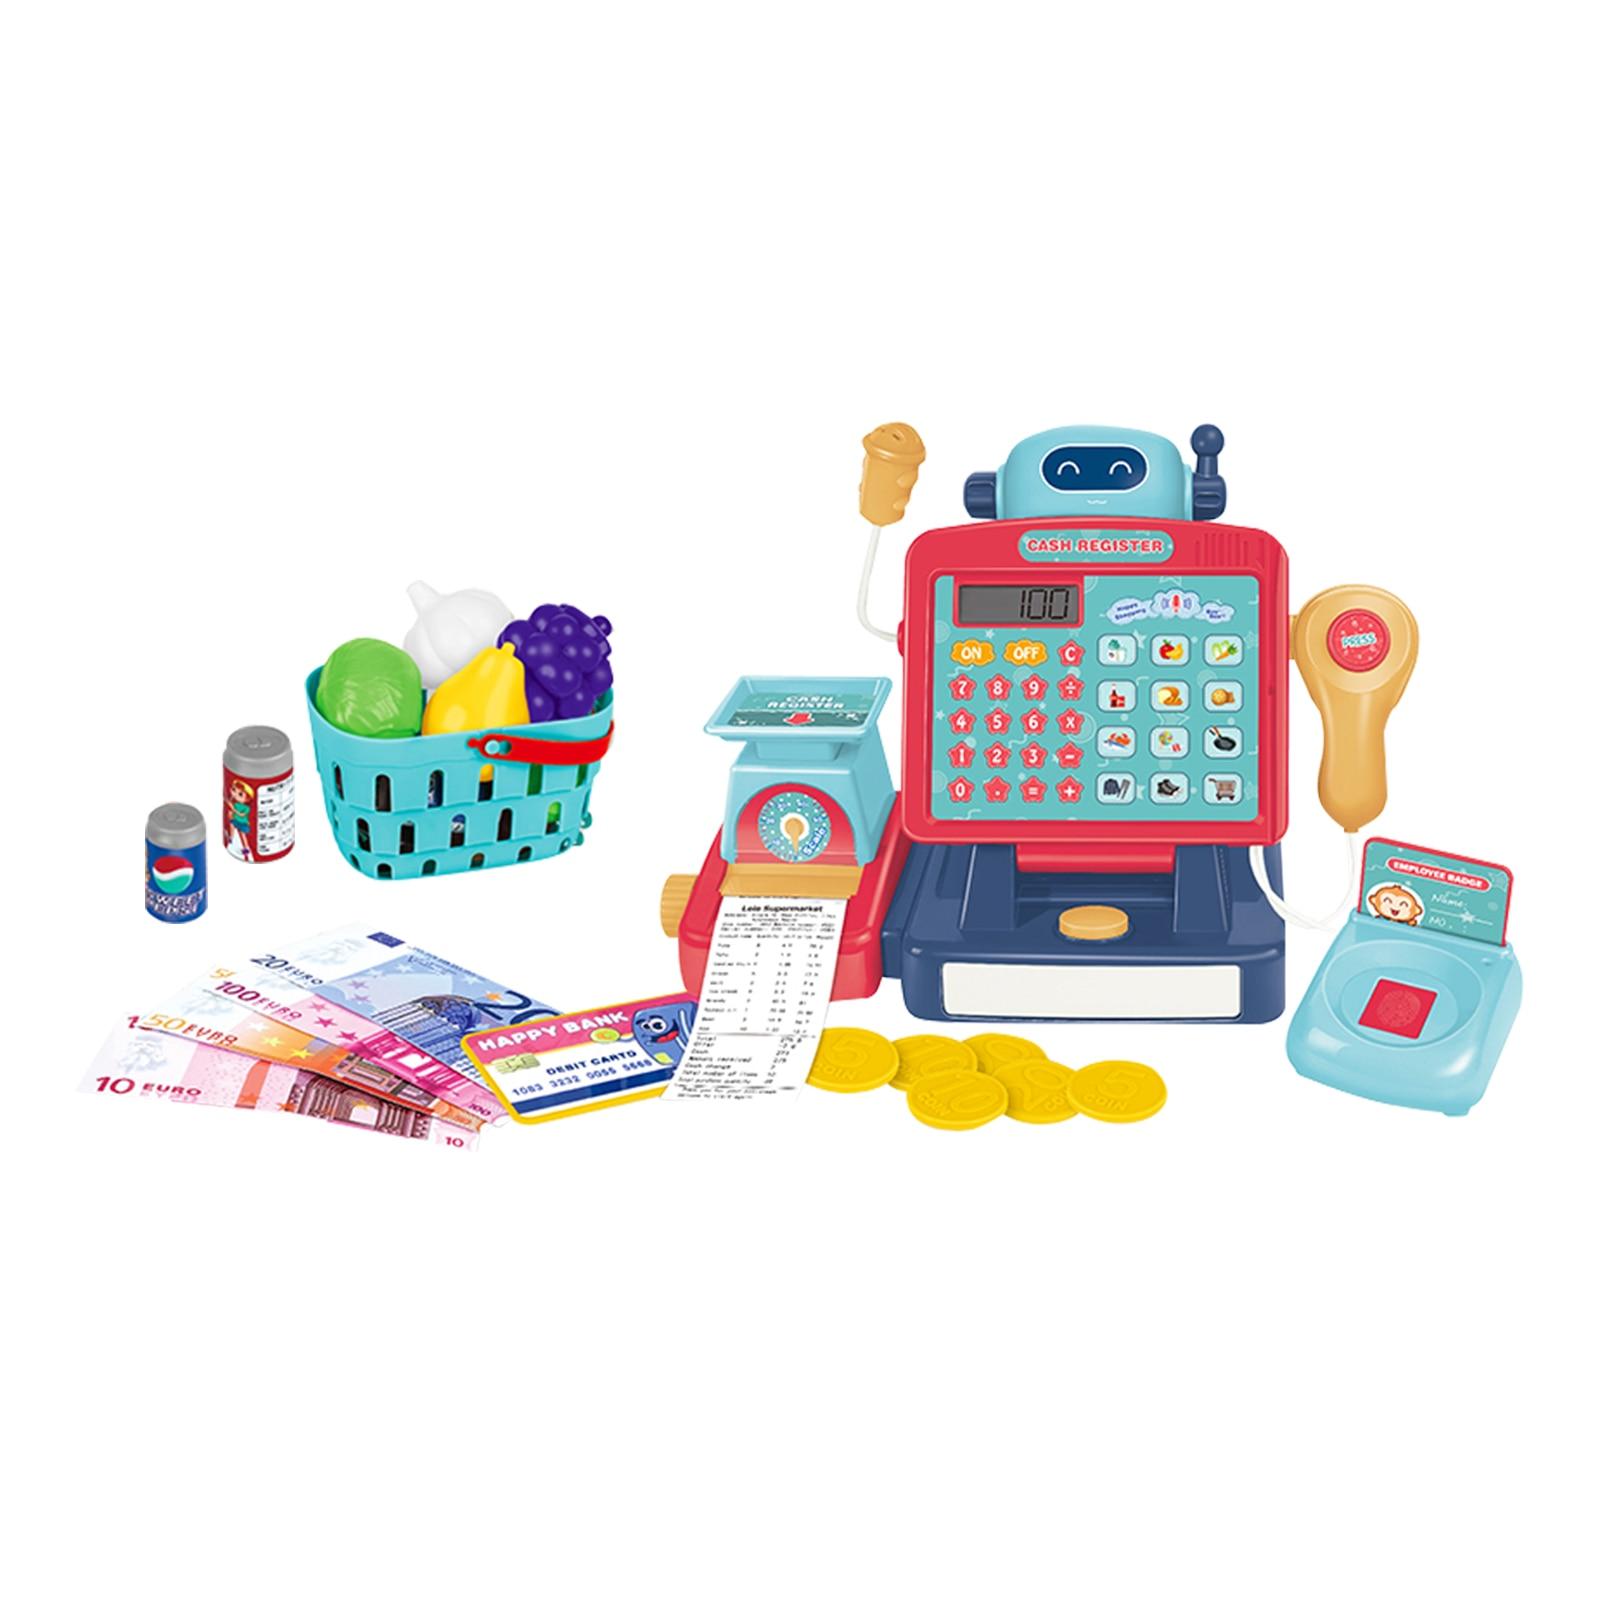 Дети ролевые игры супермаркет кассовый аппарат игрушки набор с калькулятором сканер ролевые игрушки Обучающие игрушки